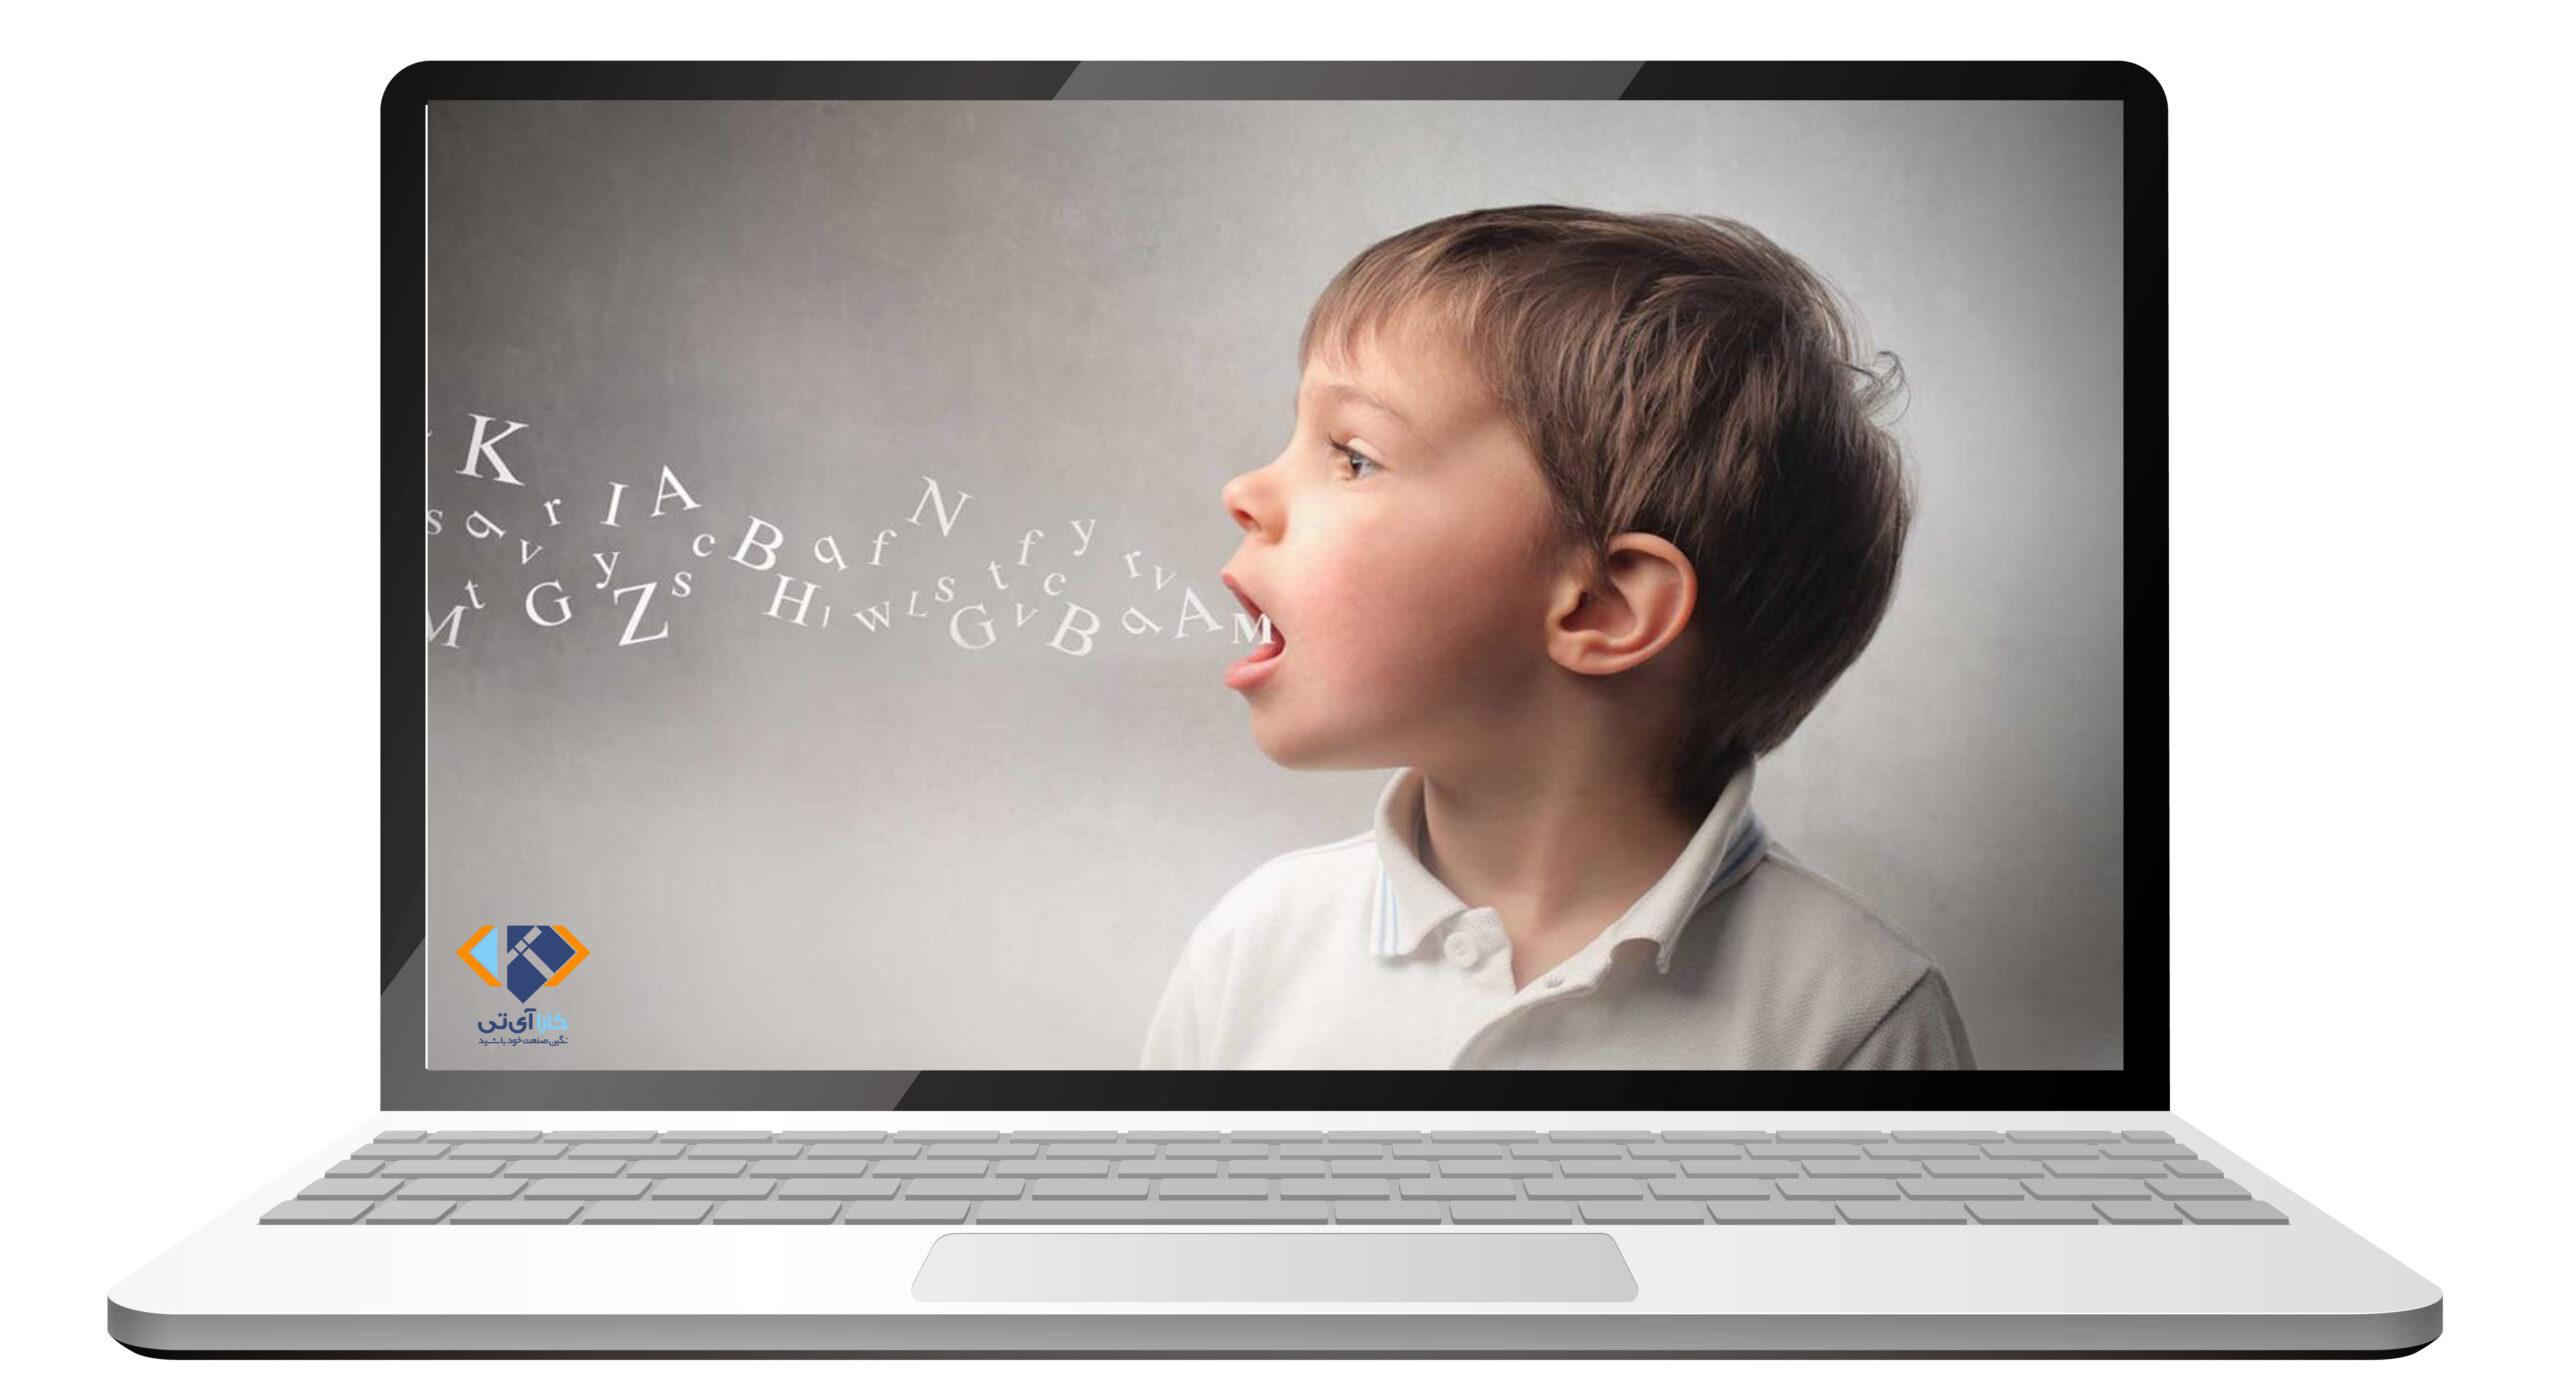 طراحی سایت گفتار درمانی